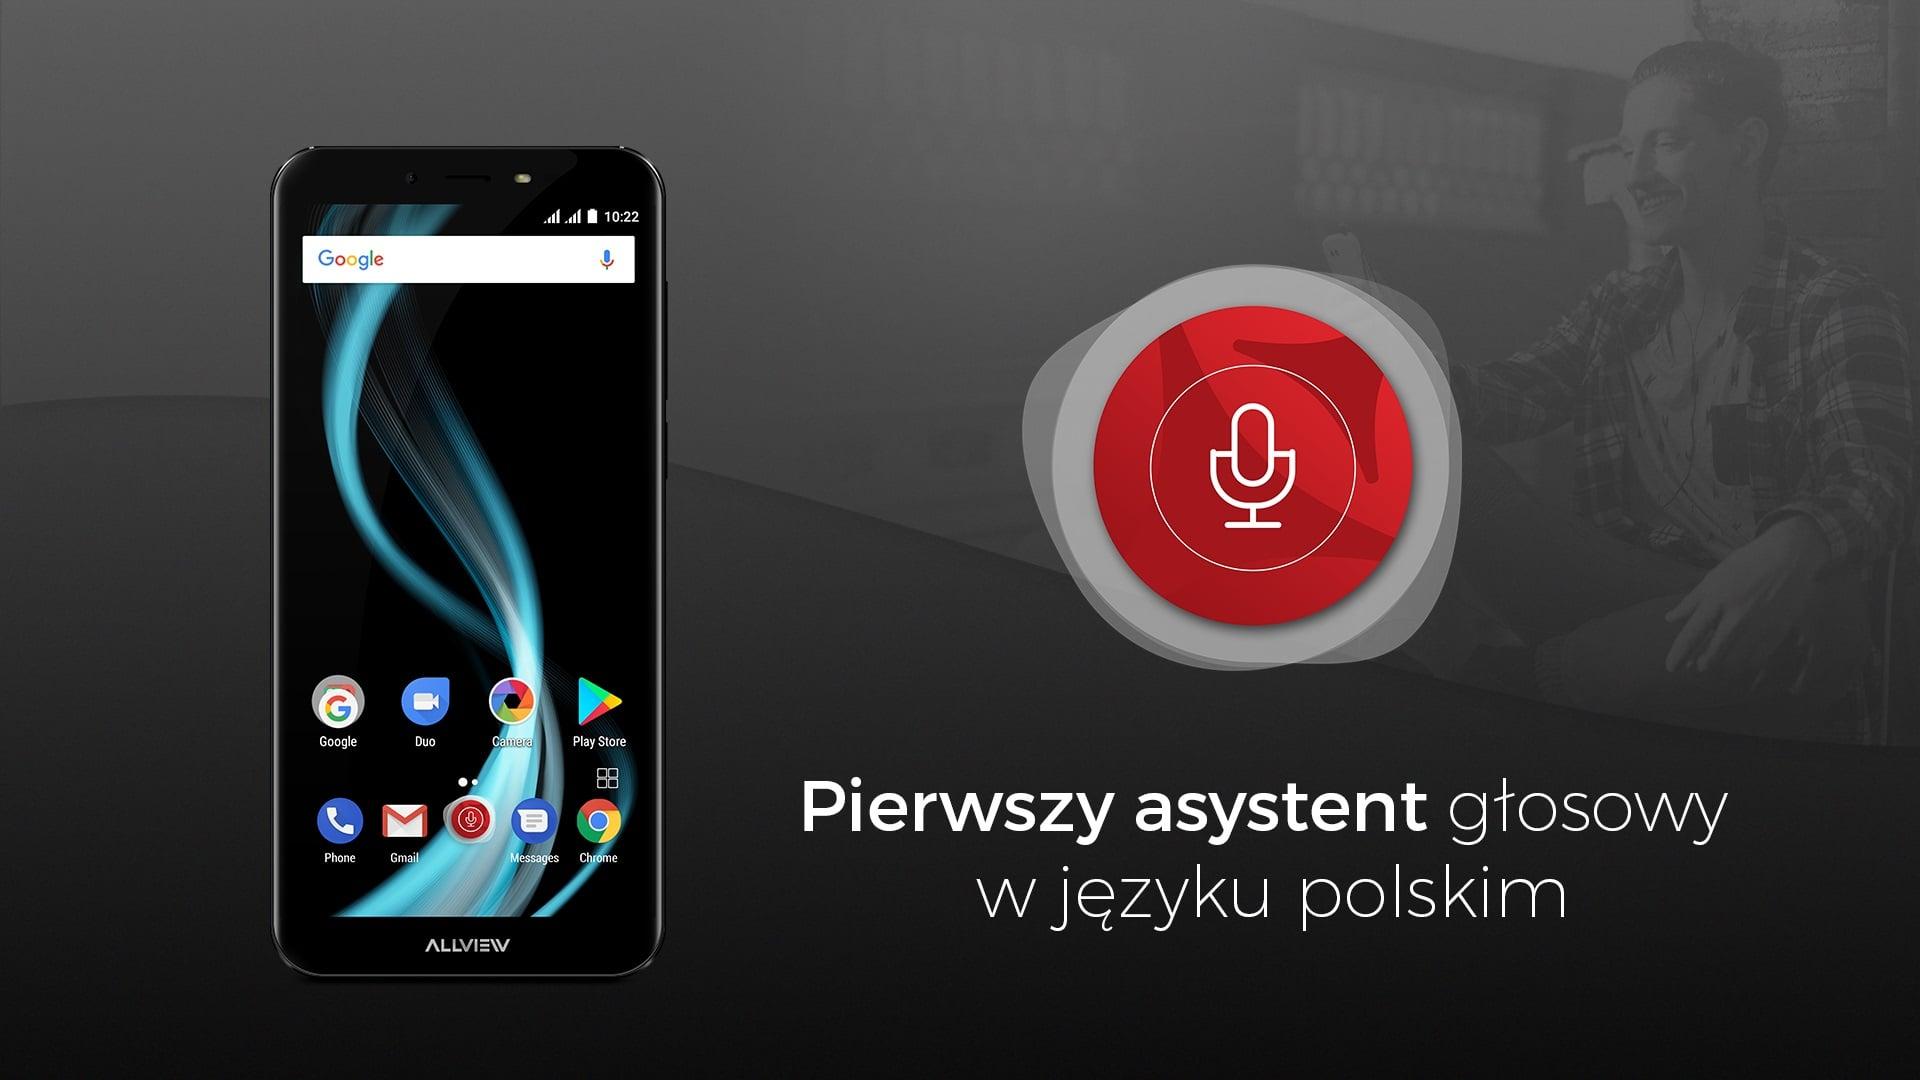 Tabletowo.pl Allview X4 Soul Infinity i X4 Soul Infinity Plus zaoferują asystenta głosowego, rozumiejącego język polski Allview Android Nowości Smartfony